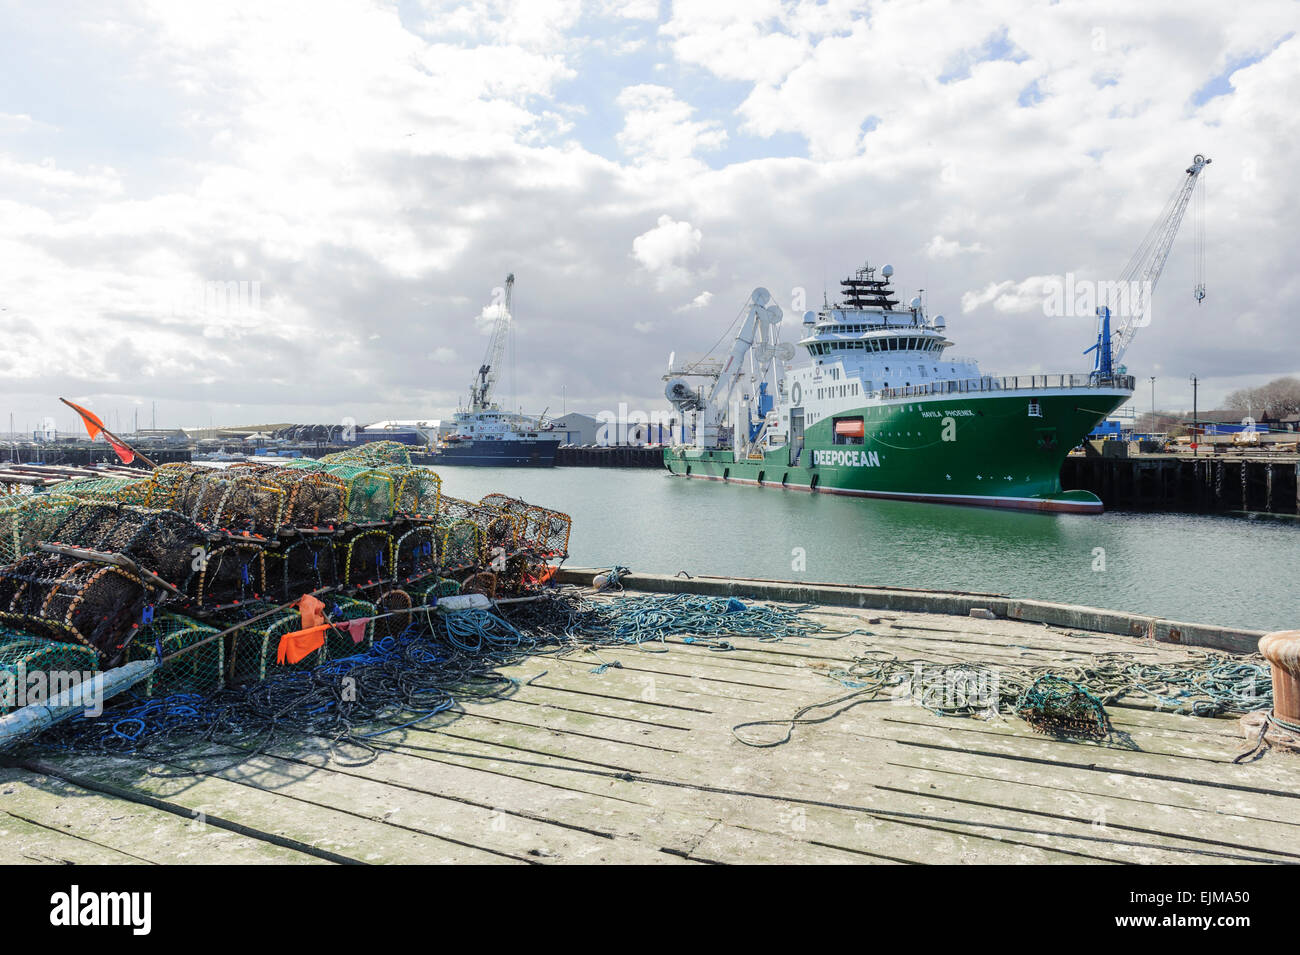 Havila Pheonix Ship Stock Photo